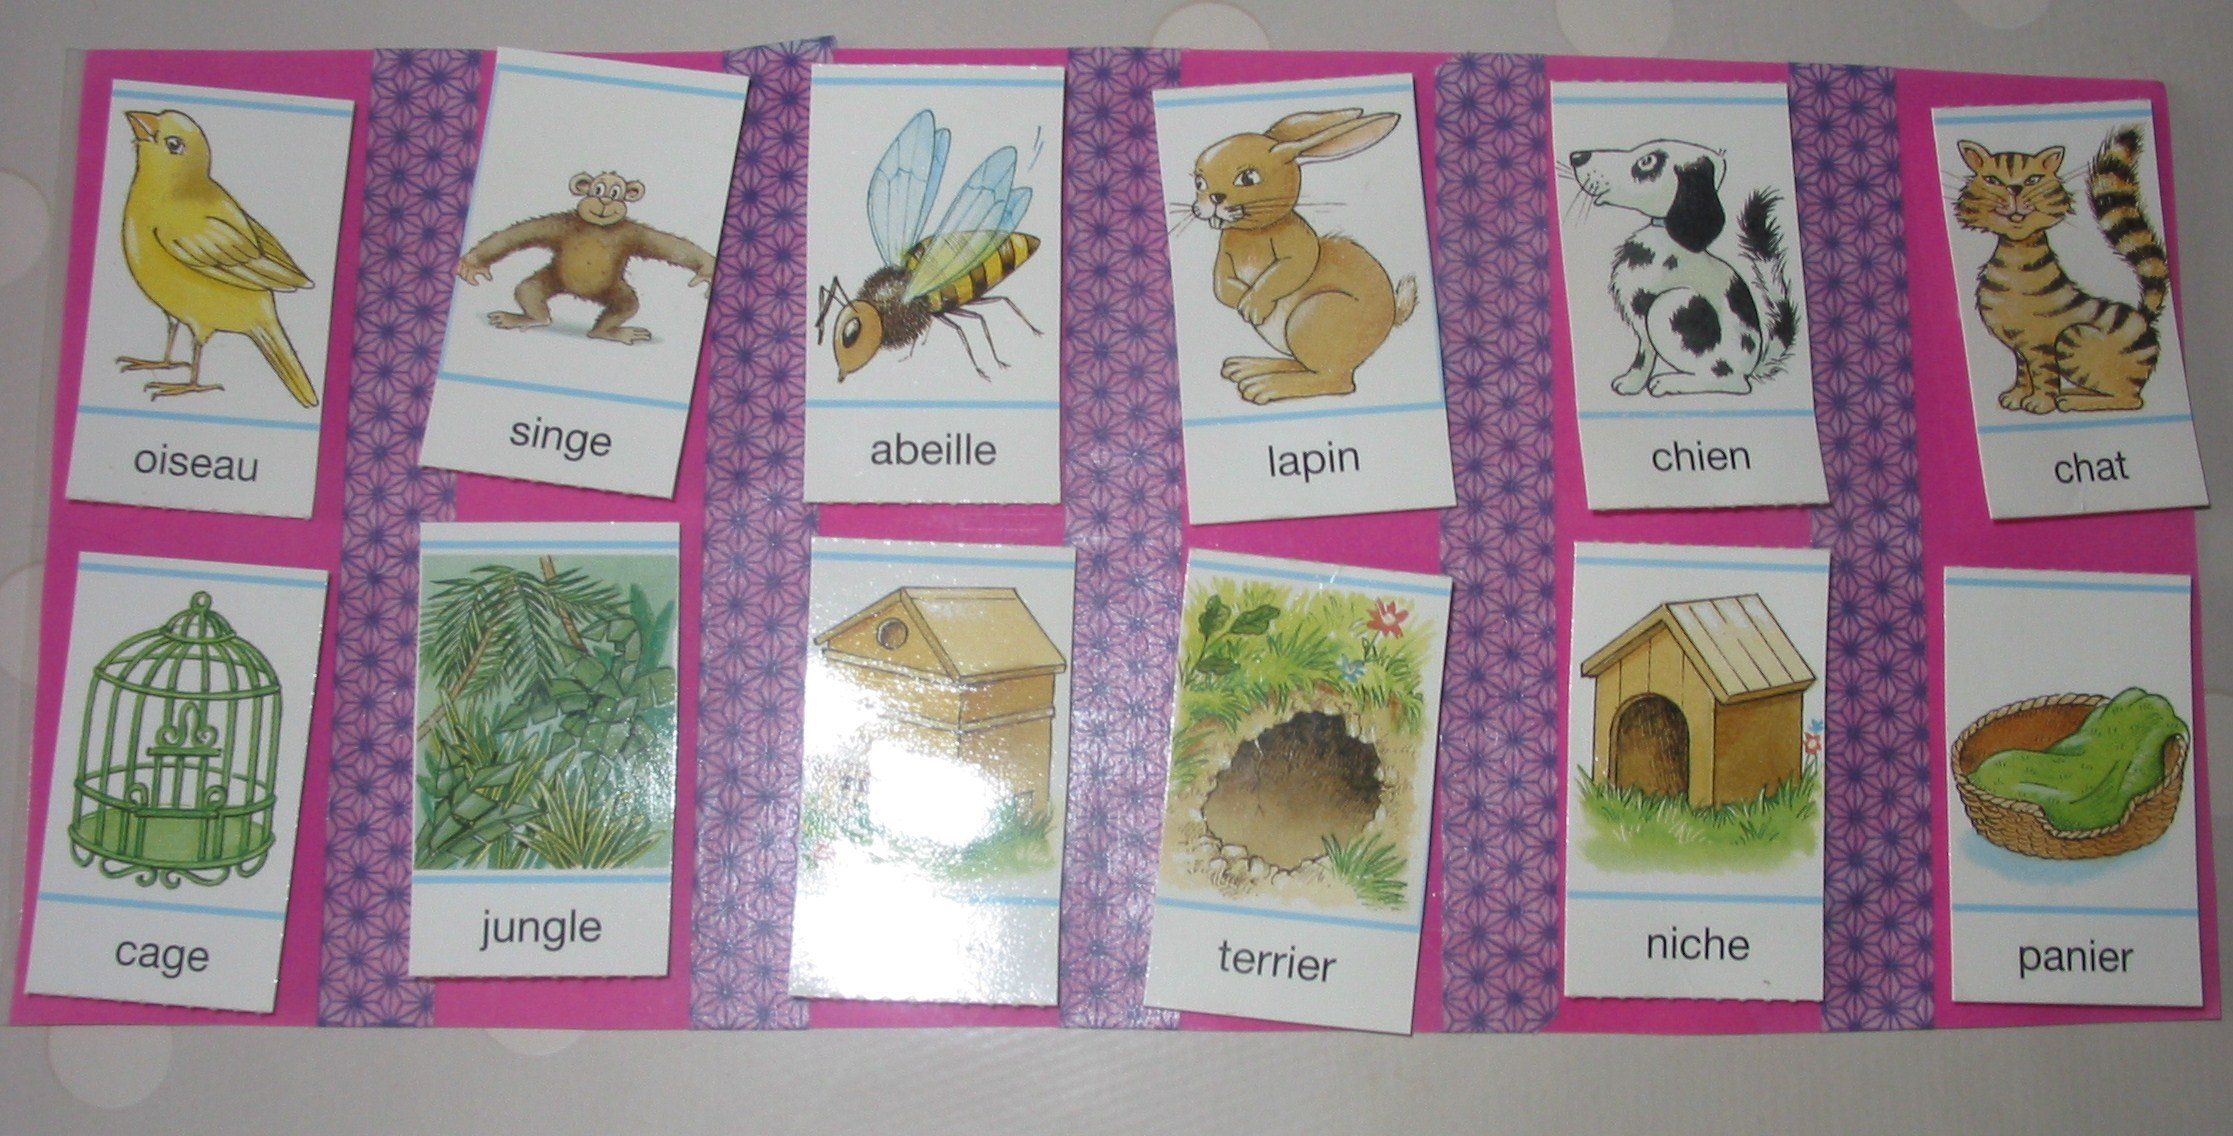 jeu la maison des animaux croquelavieenrose